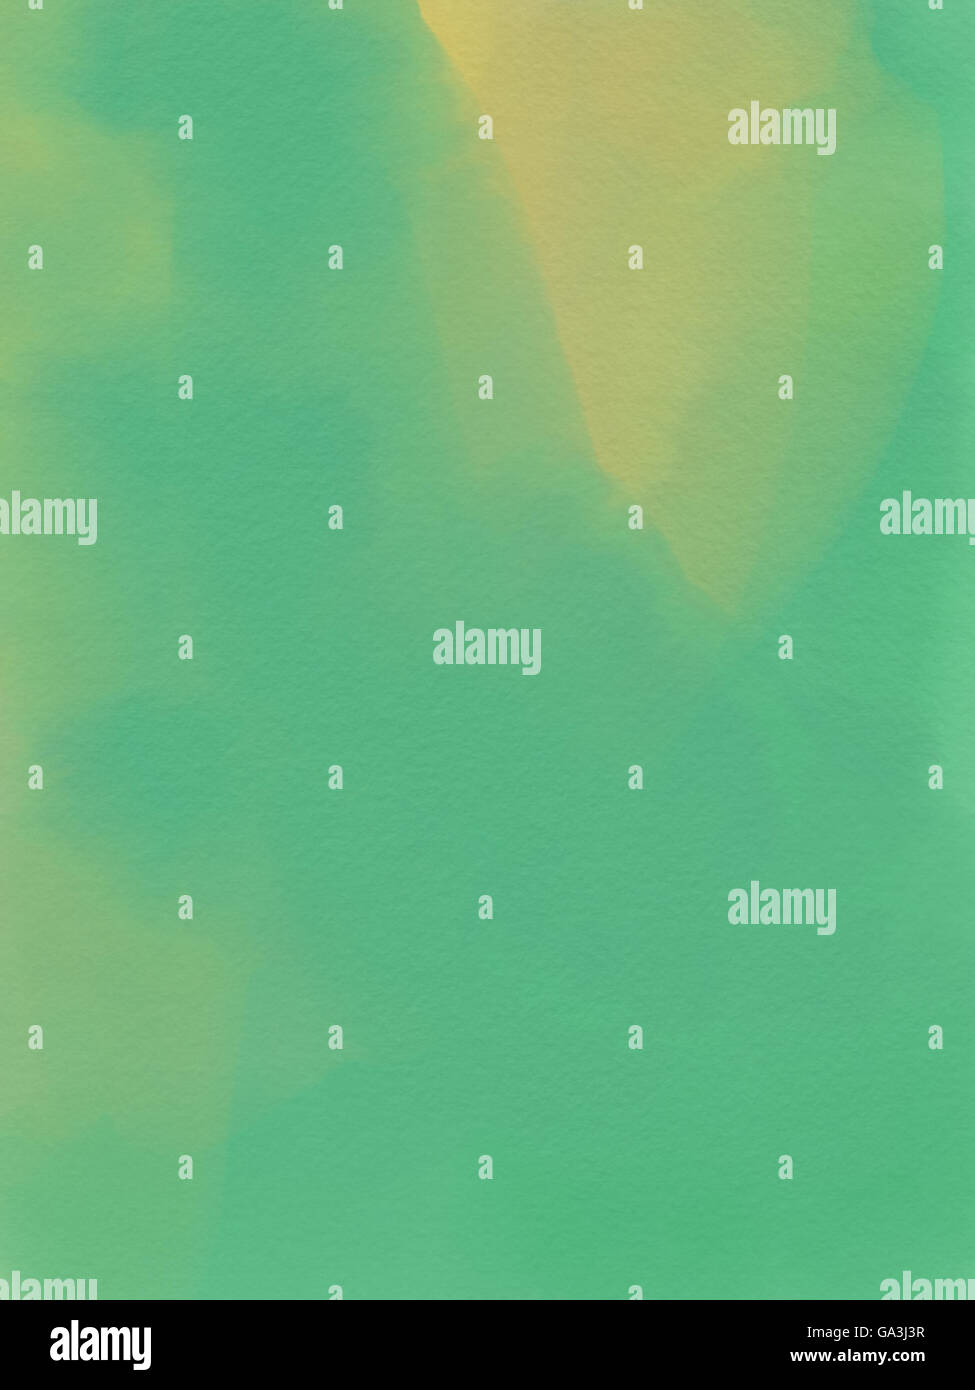 Abstract Acquerello - Sfondo verde e giallo Immagini Stock